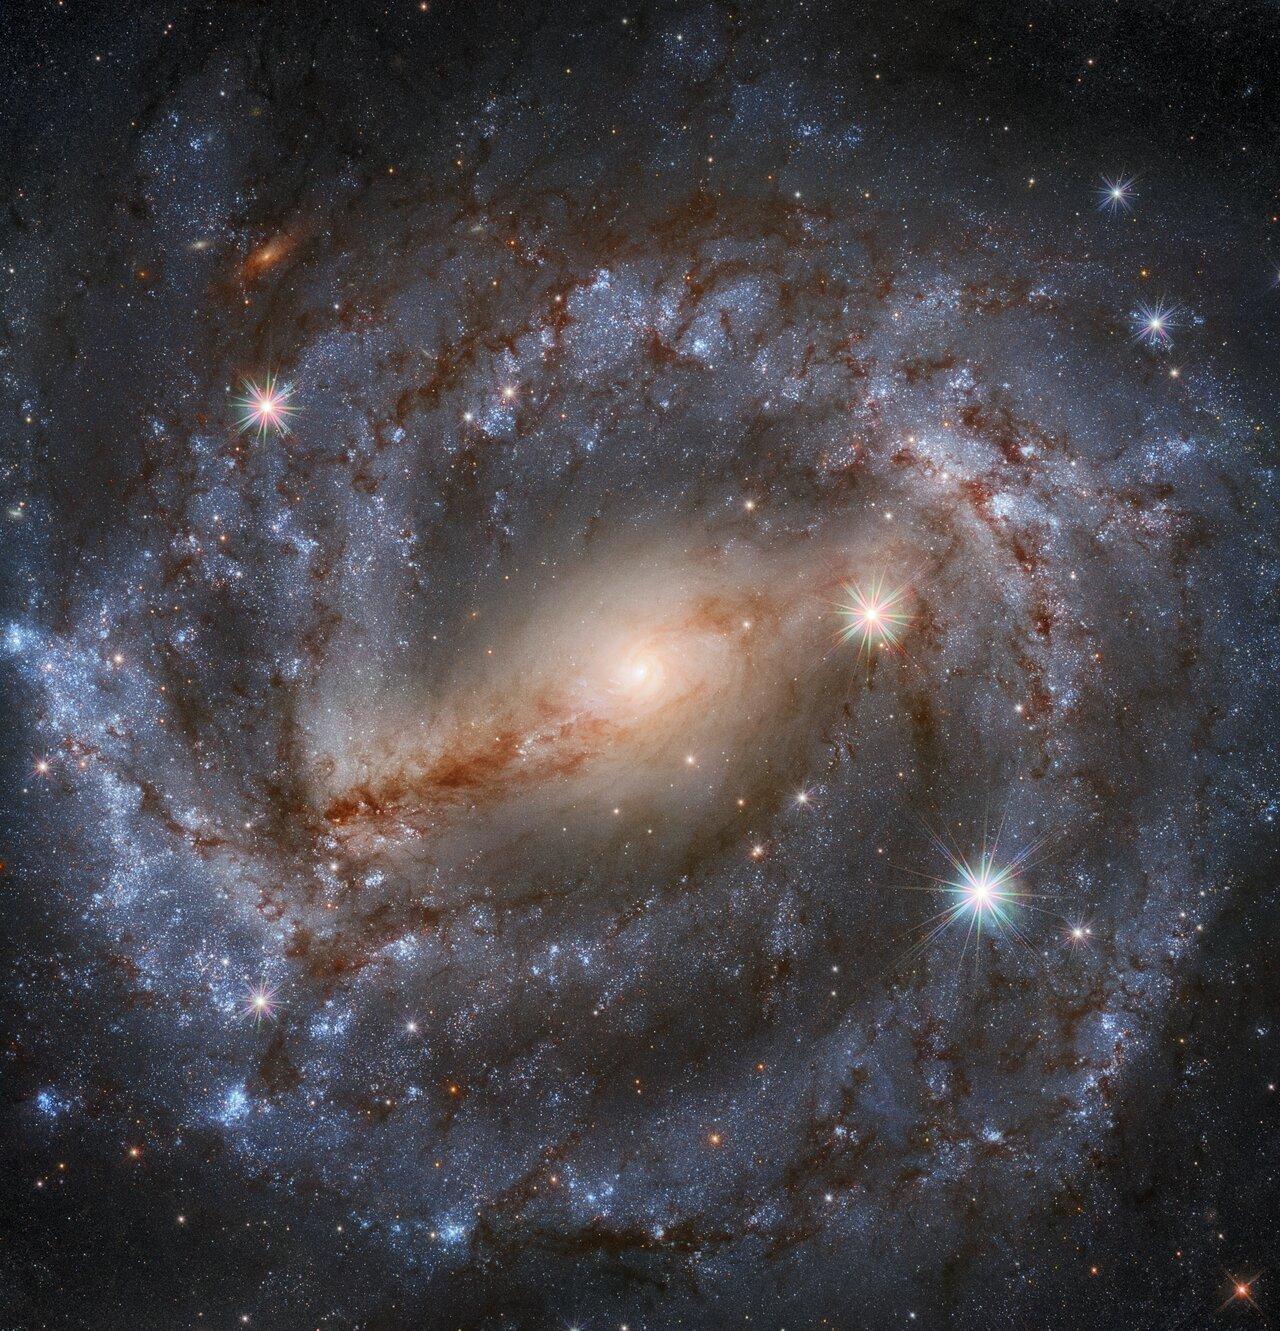 Hubble revela galáxia espiral a 60 milhões de anos-luz da Terra